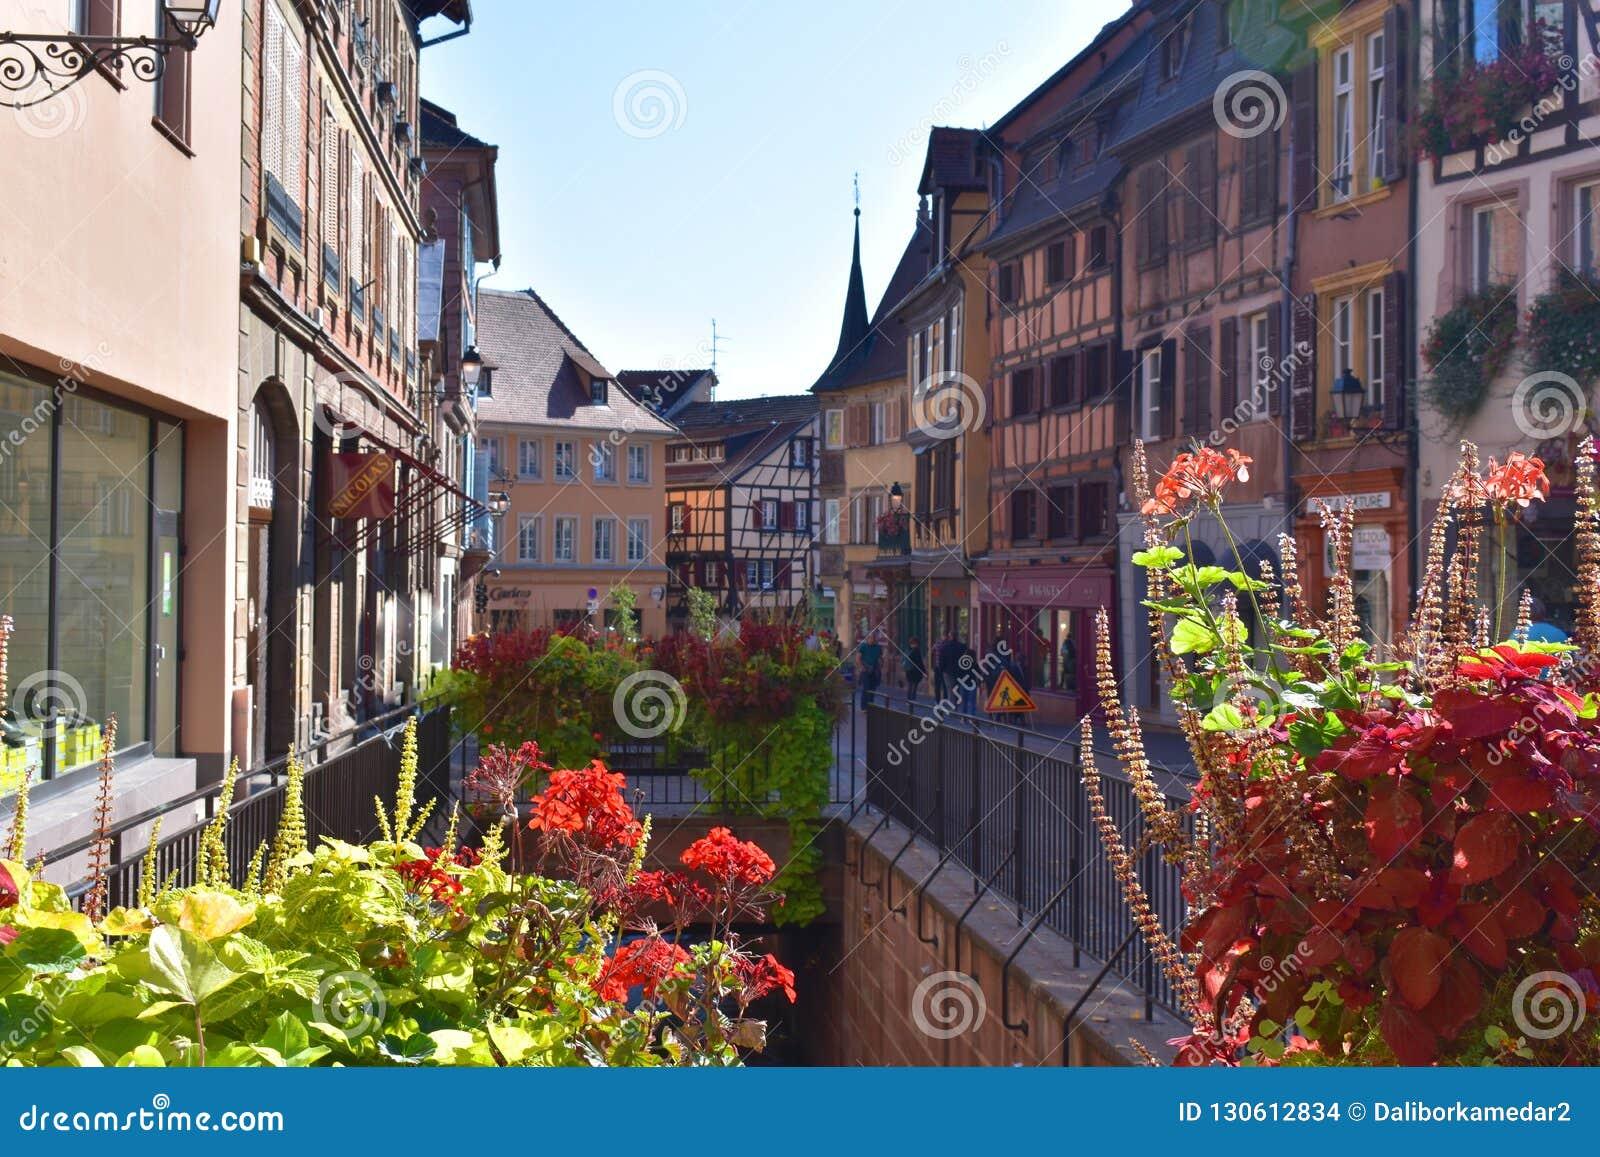 La plupart des beaux villages traditionnels des Frances - Colmar en Alsace